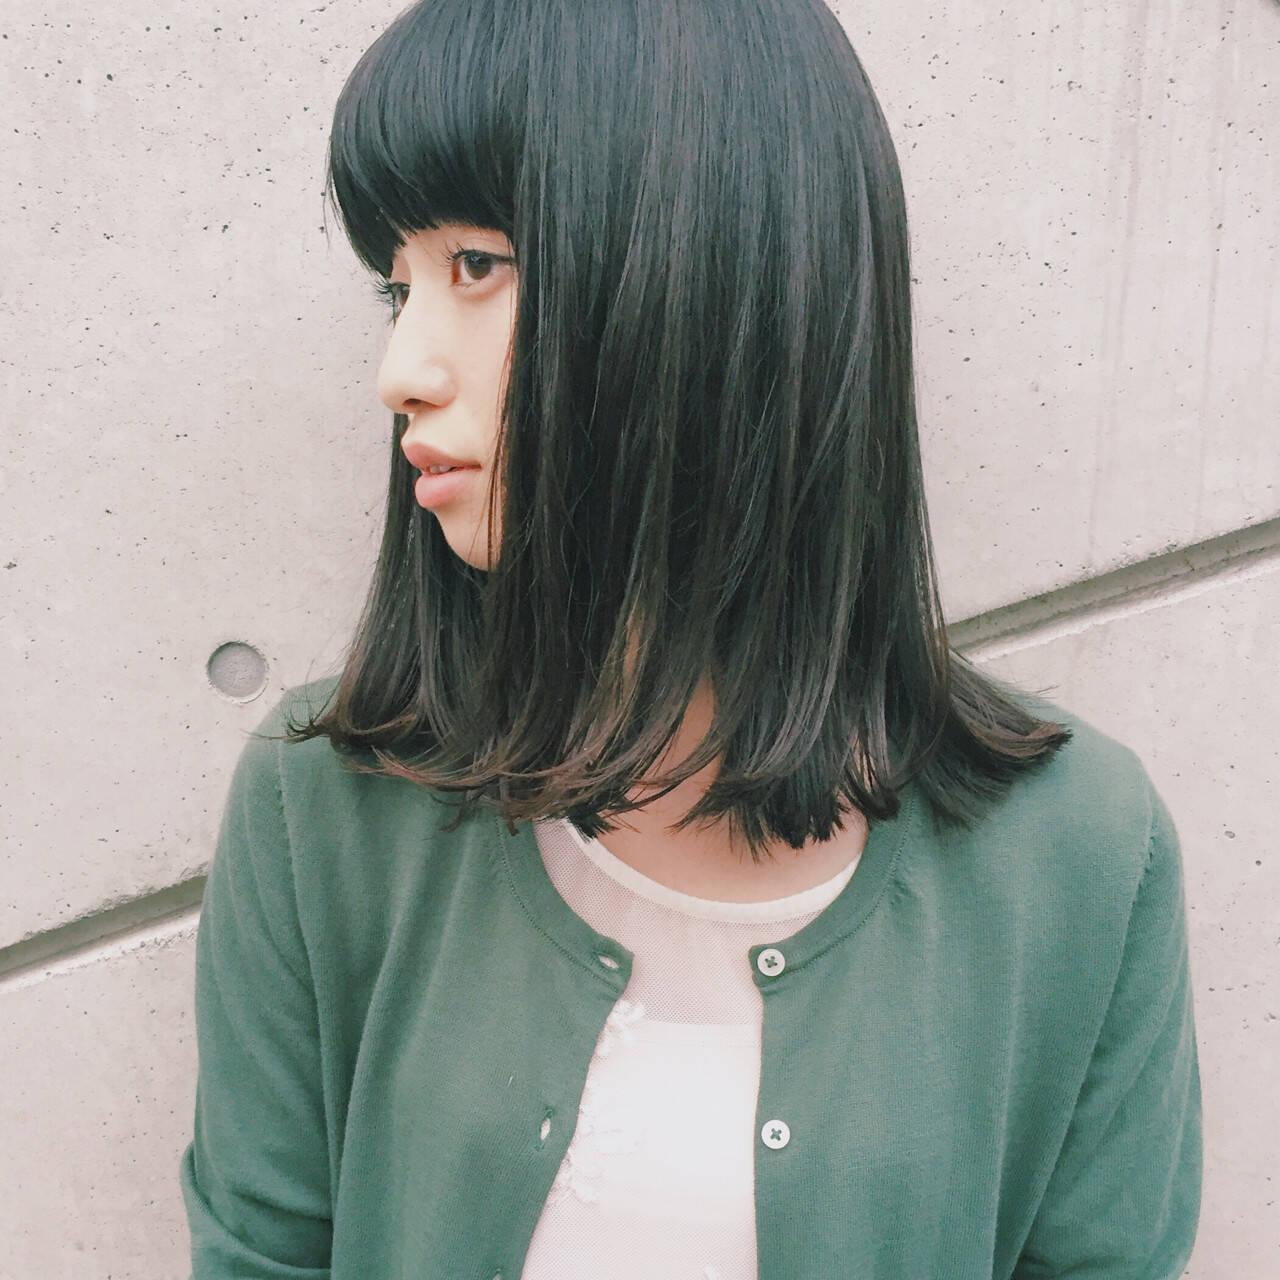 ワイドバング ミディアム ウェットヘア 暗髪ヘアスタイルや髪型の写真・画像